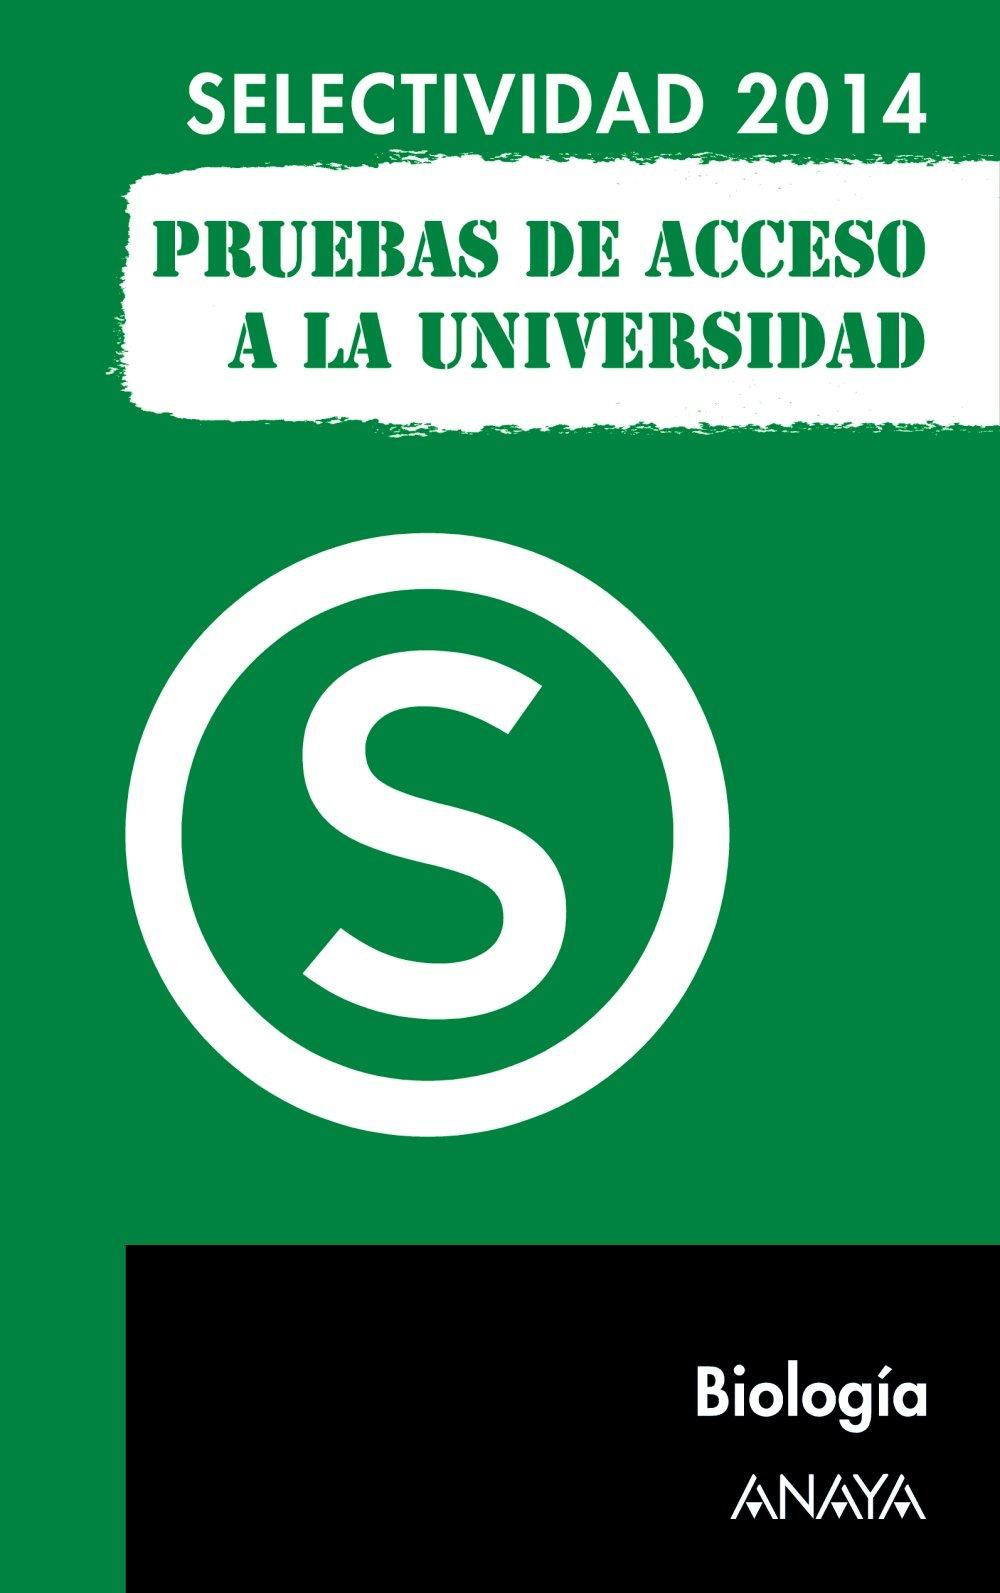 Biología. (Selectividad/PAU 2014): Amazon.es: Herrera González, Rosa, Ortega Lázaro, J. Carlos: Libros